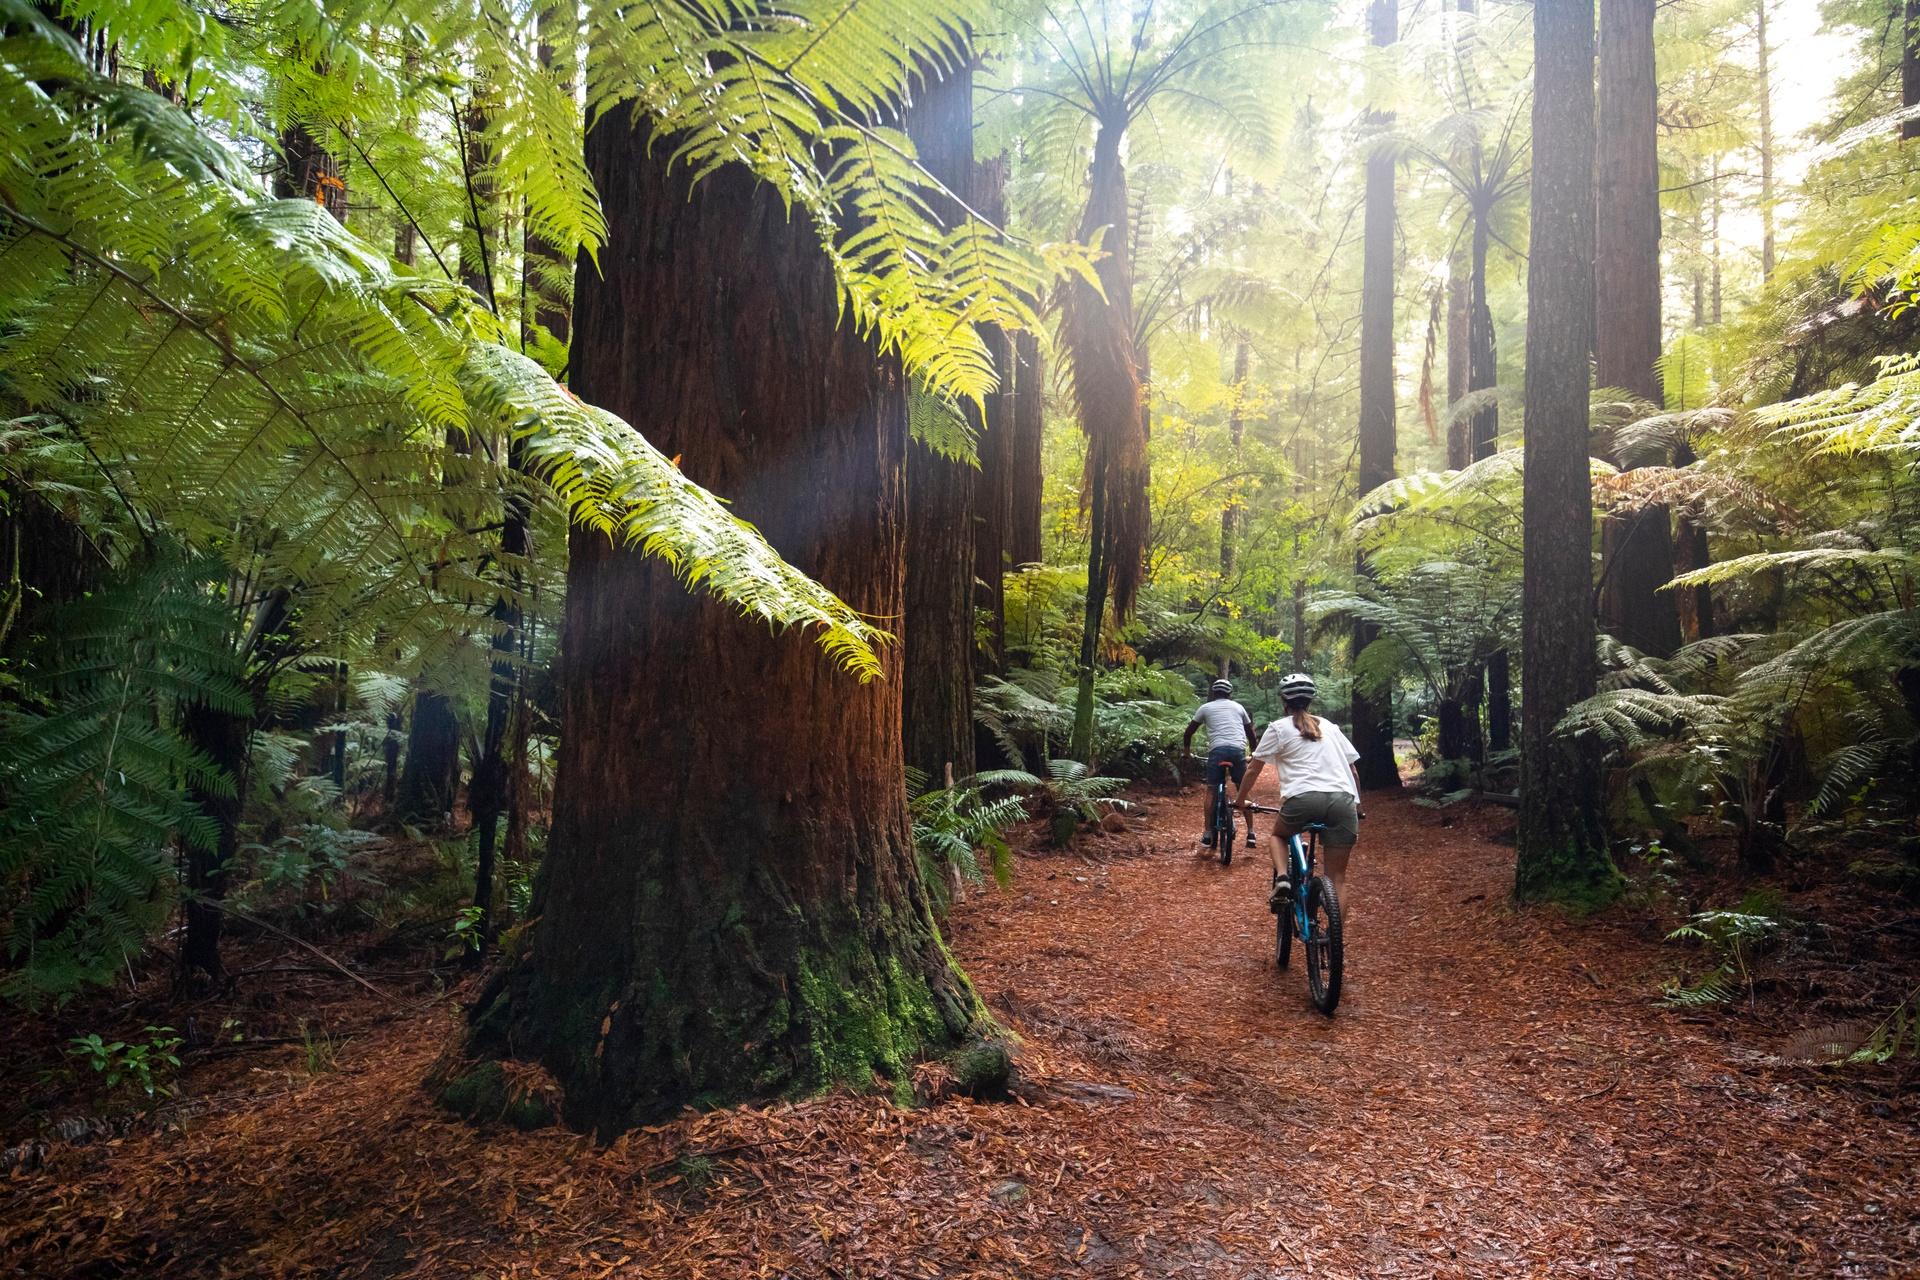 Redwoods Treewalk in Whakarewarewa Forest, New Zealand